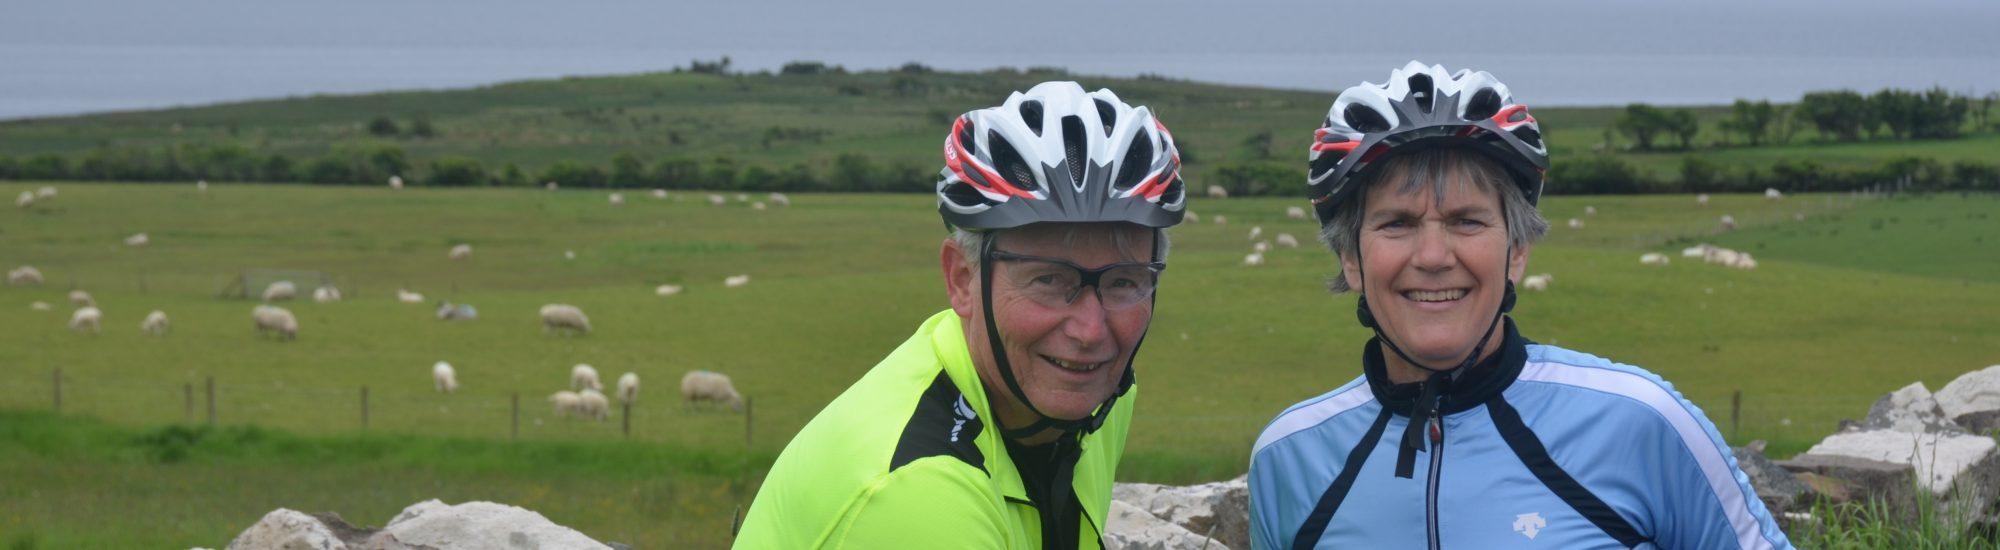 Cycling holiday Benbulben Sligo